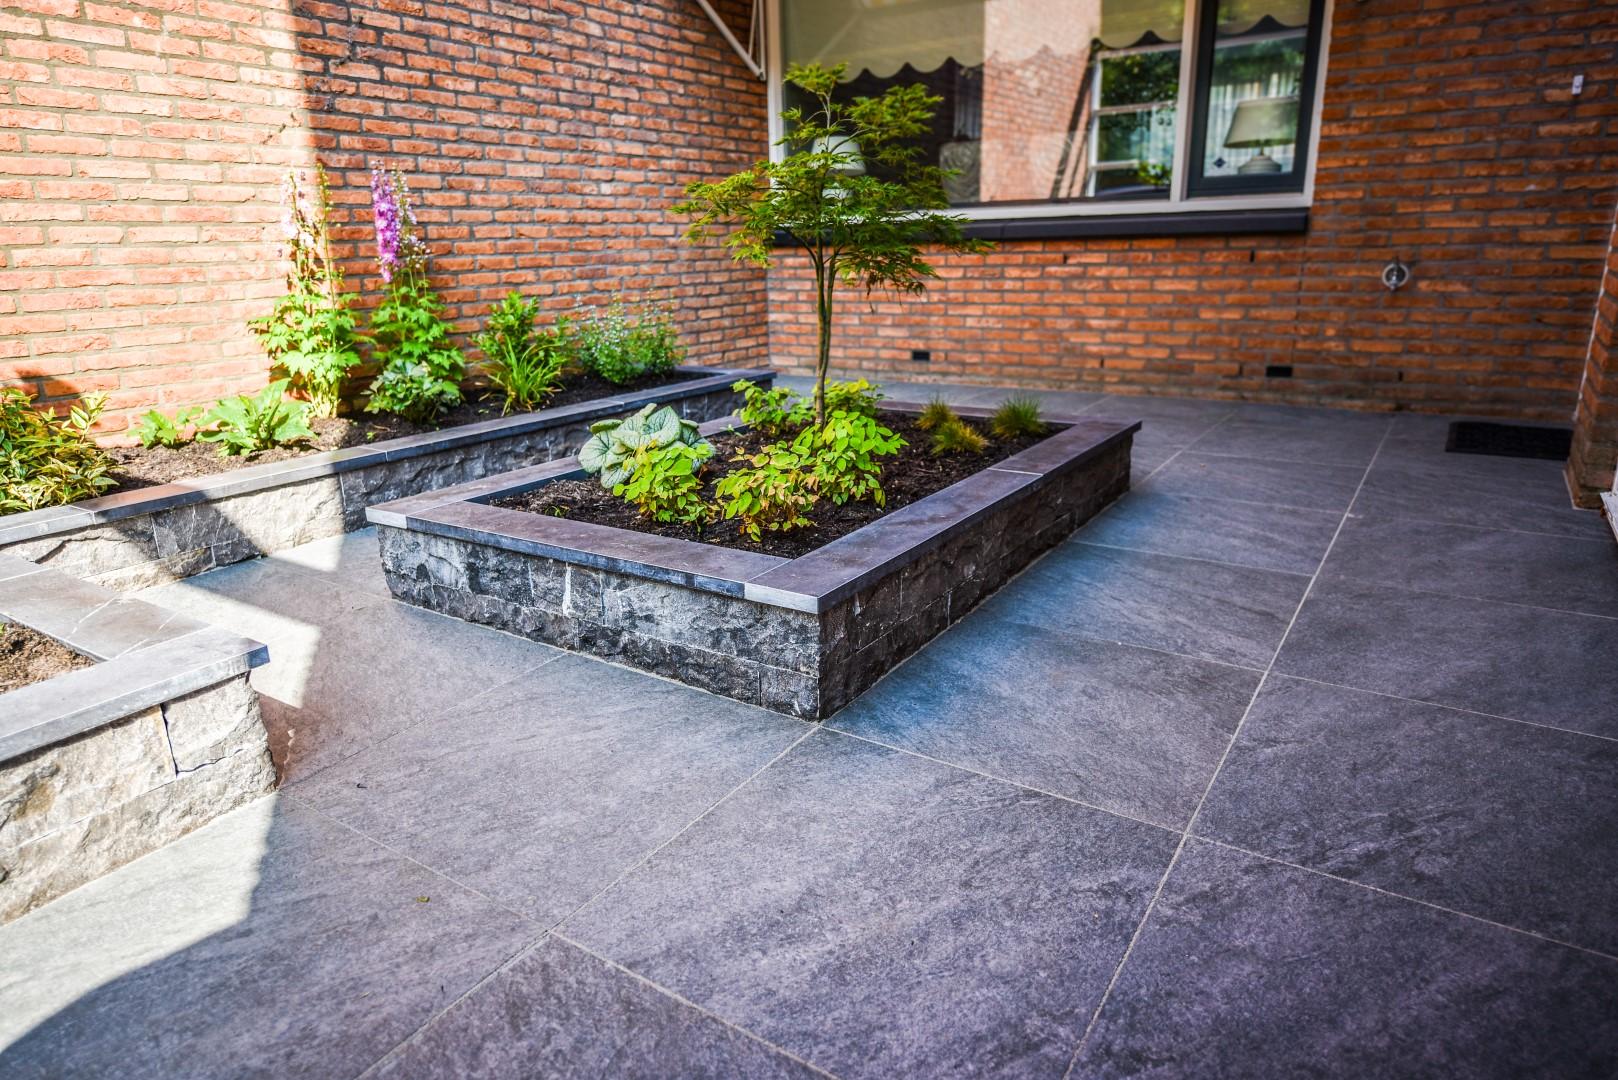 Tuin Met Keramische Tegels.Tuin Met Keramische Tegels Eikelenboom Groenprojecten